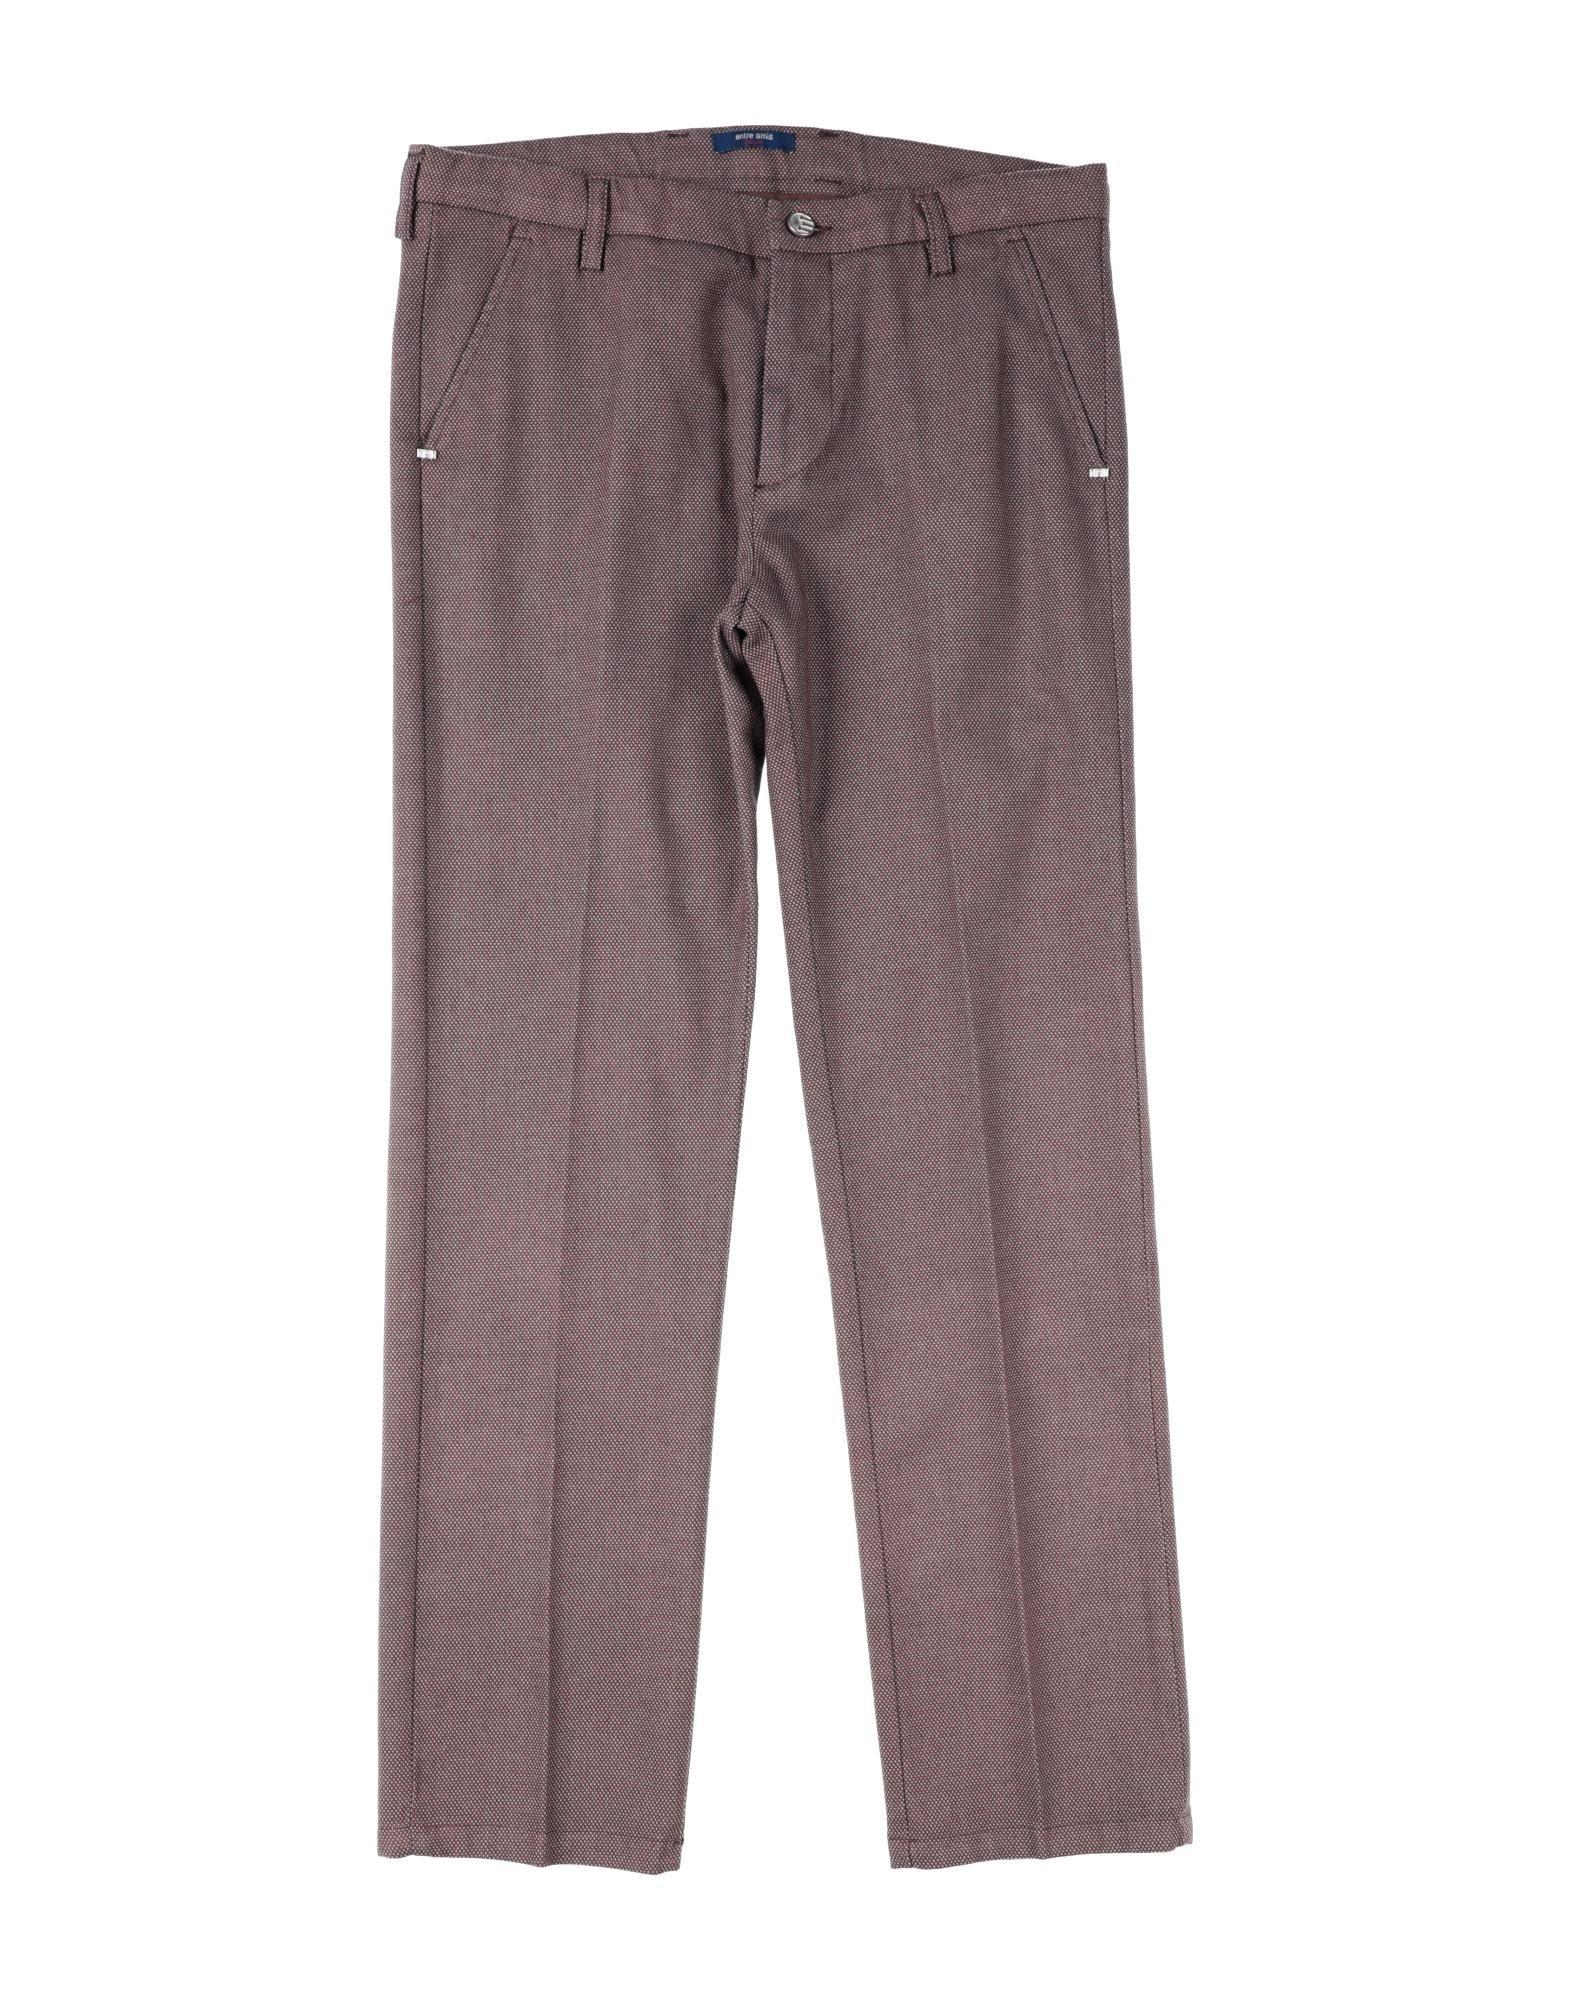 Entre Amis Garçon Kids' Casual Pants In Purple